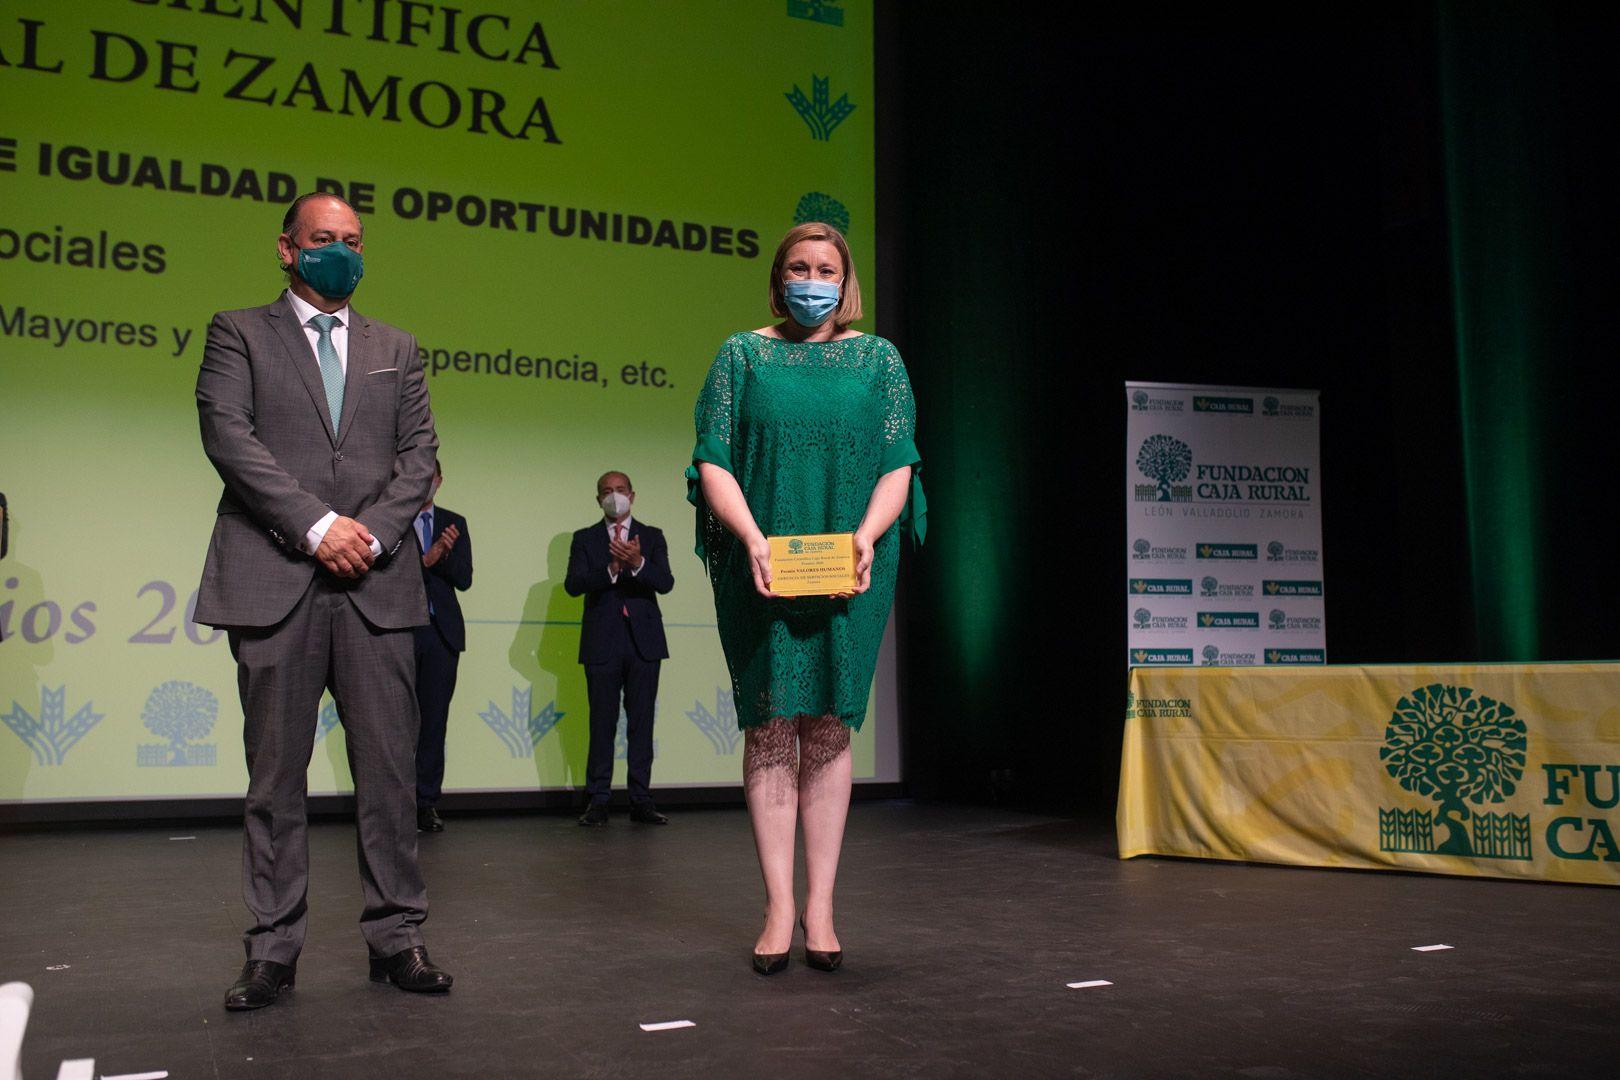 GALERÍA | Las mejores imágenes de la entrega de los Premios de la Fundación Científica Caja Rural